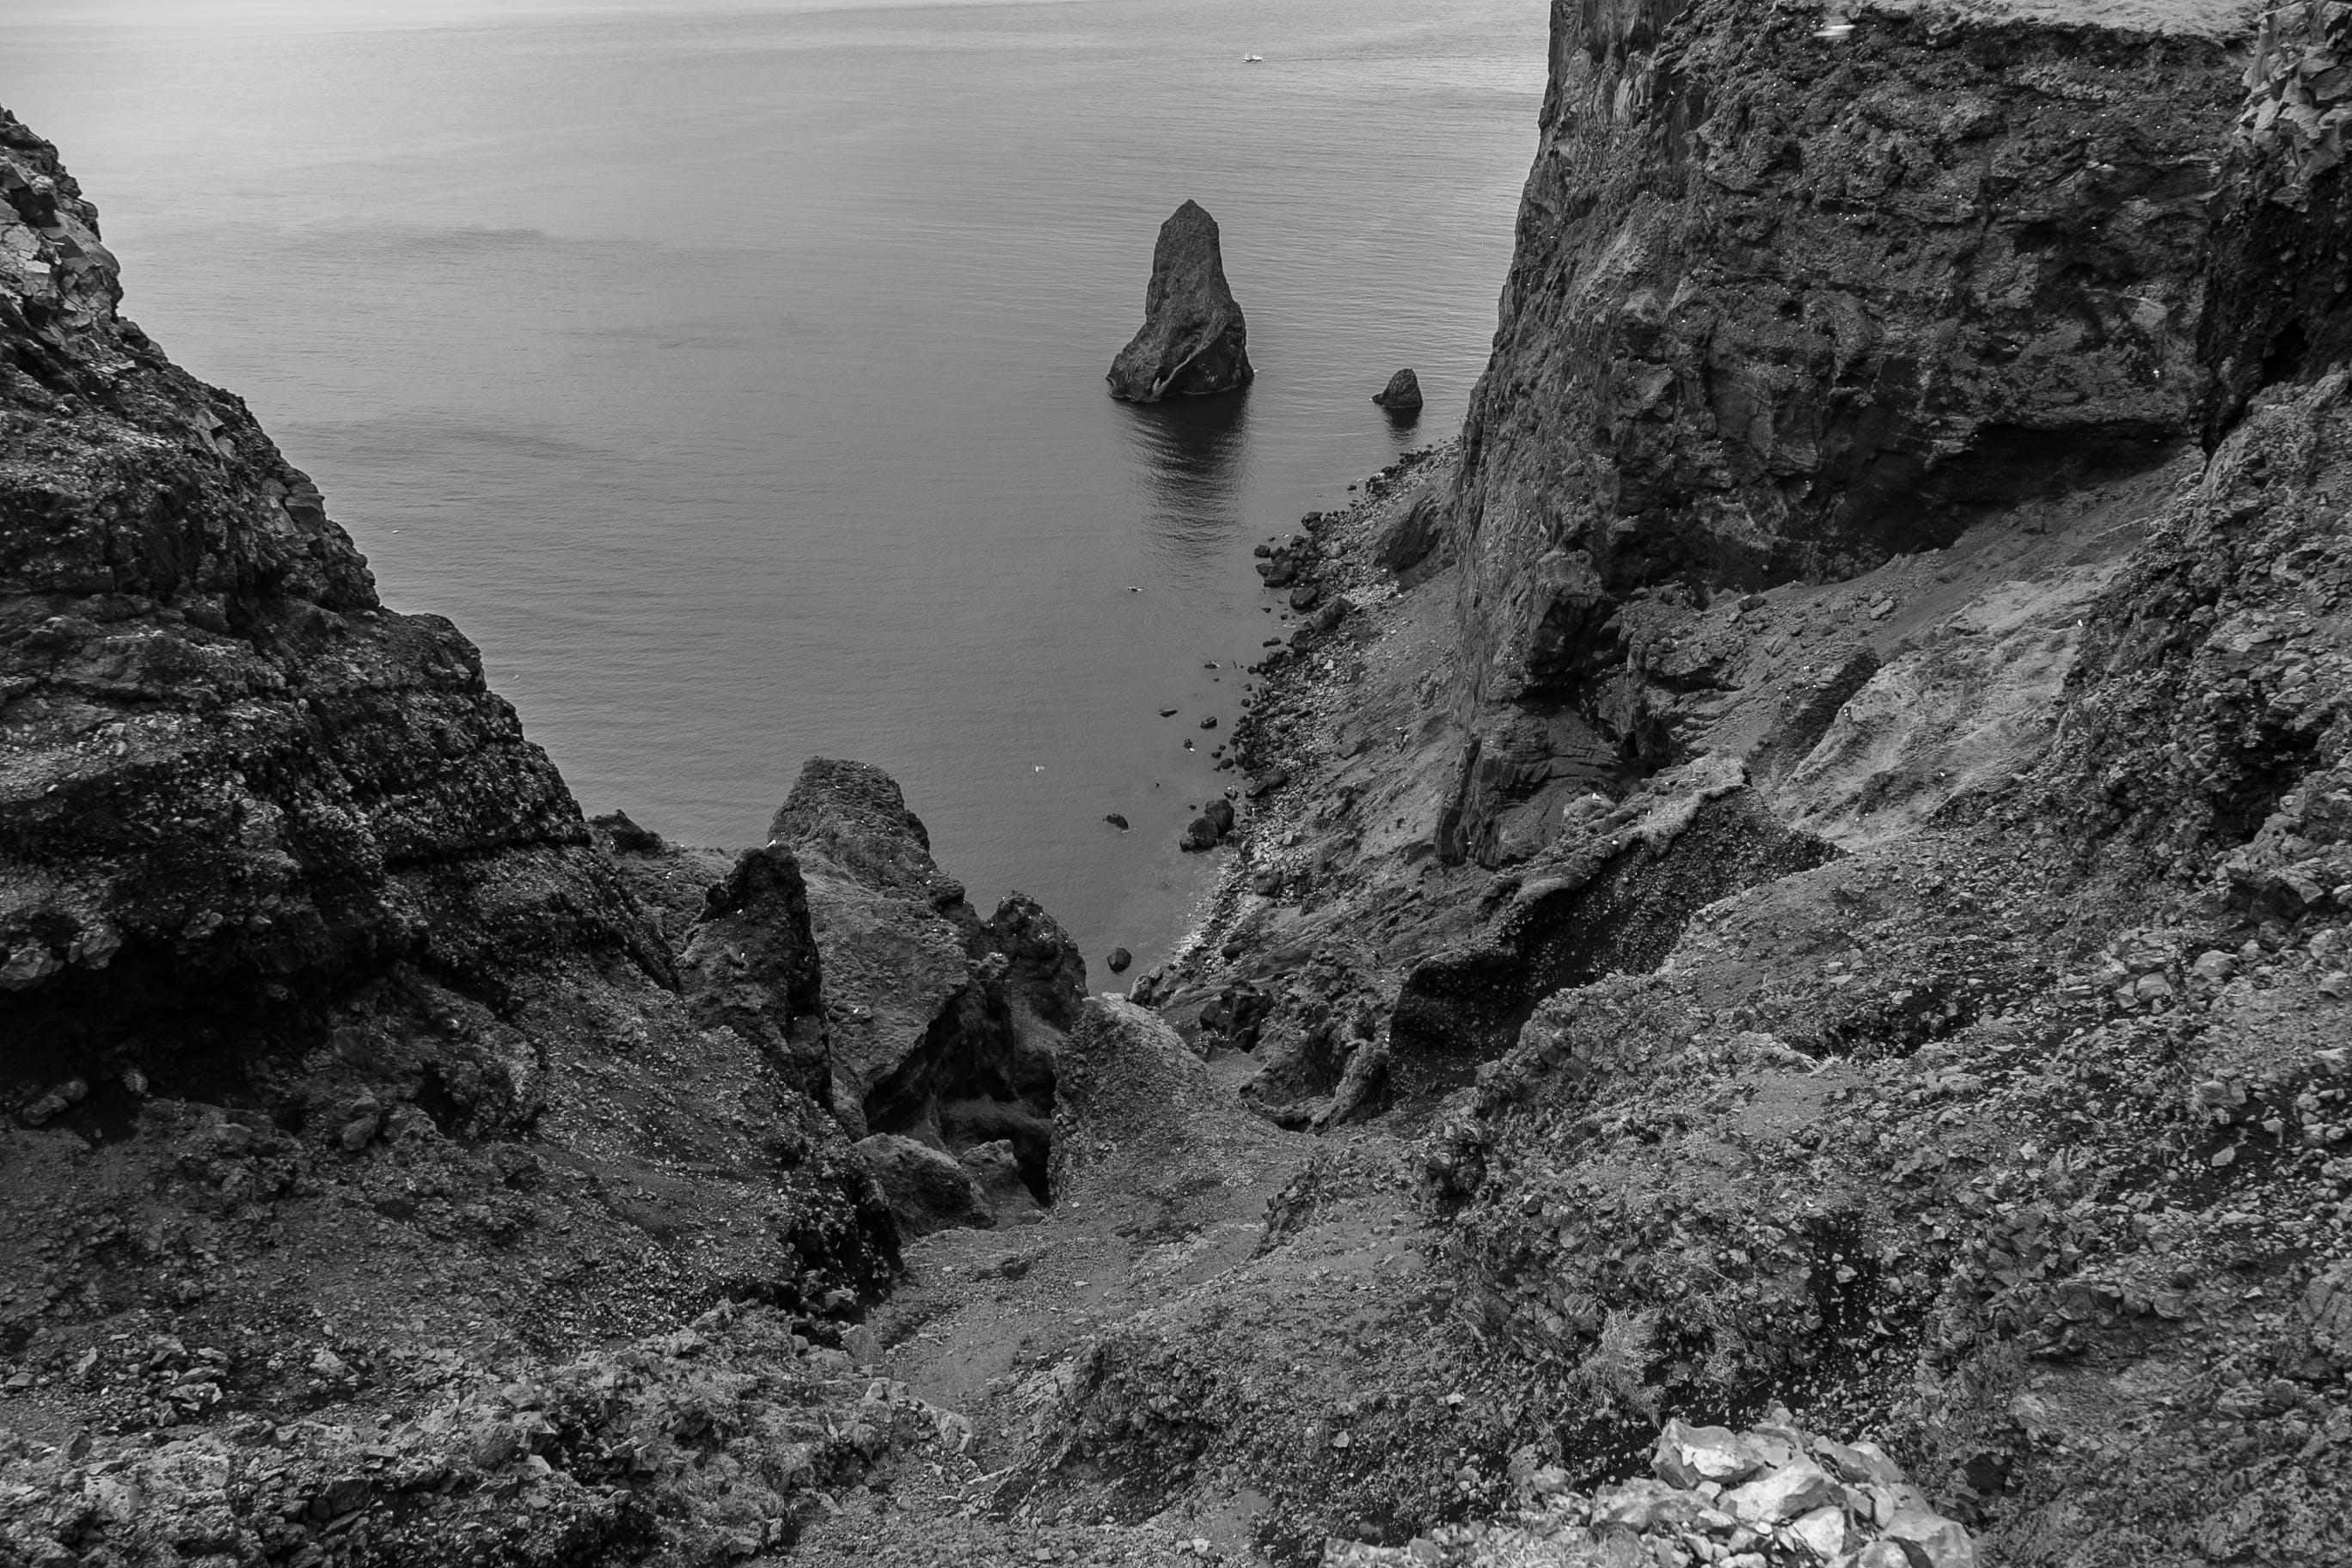 天性, 岩石, 岸邊, 懸崖海岸 的 免費圖庫相片